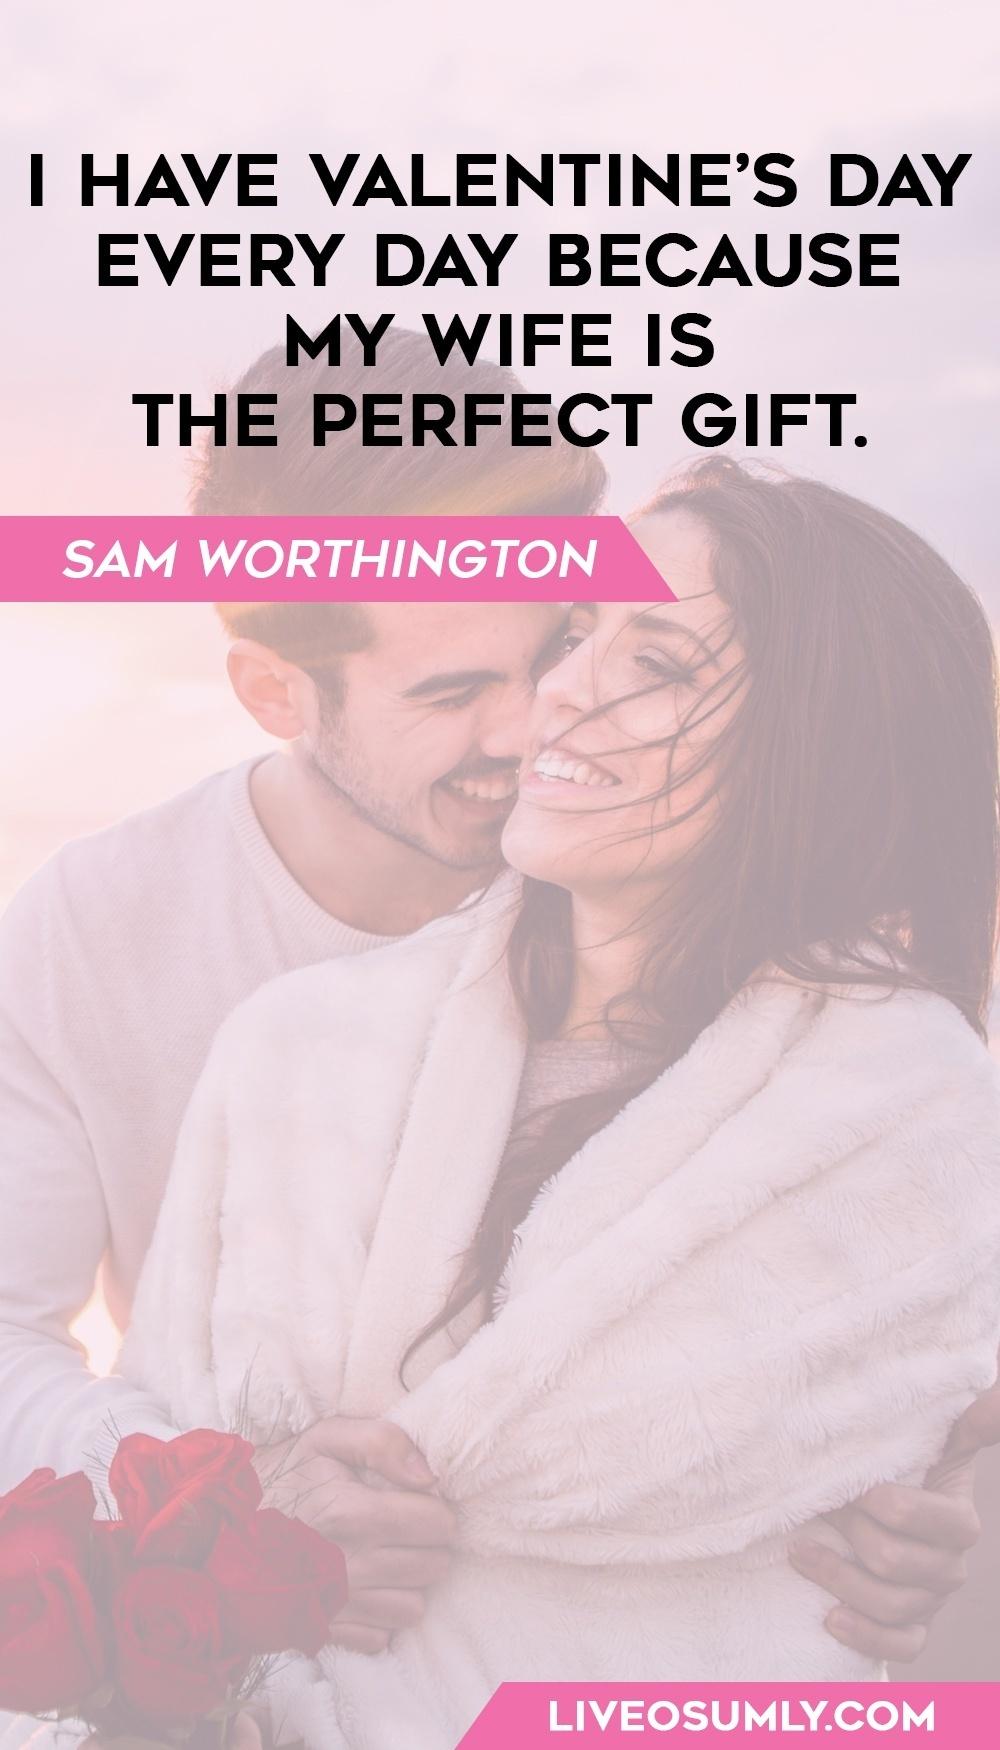 41. Sam Worthington Quotes on V Day